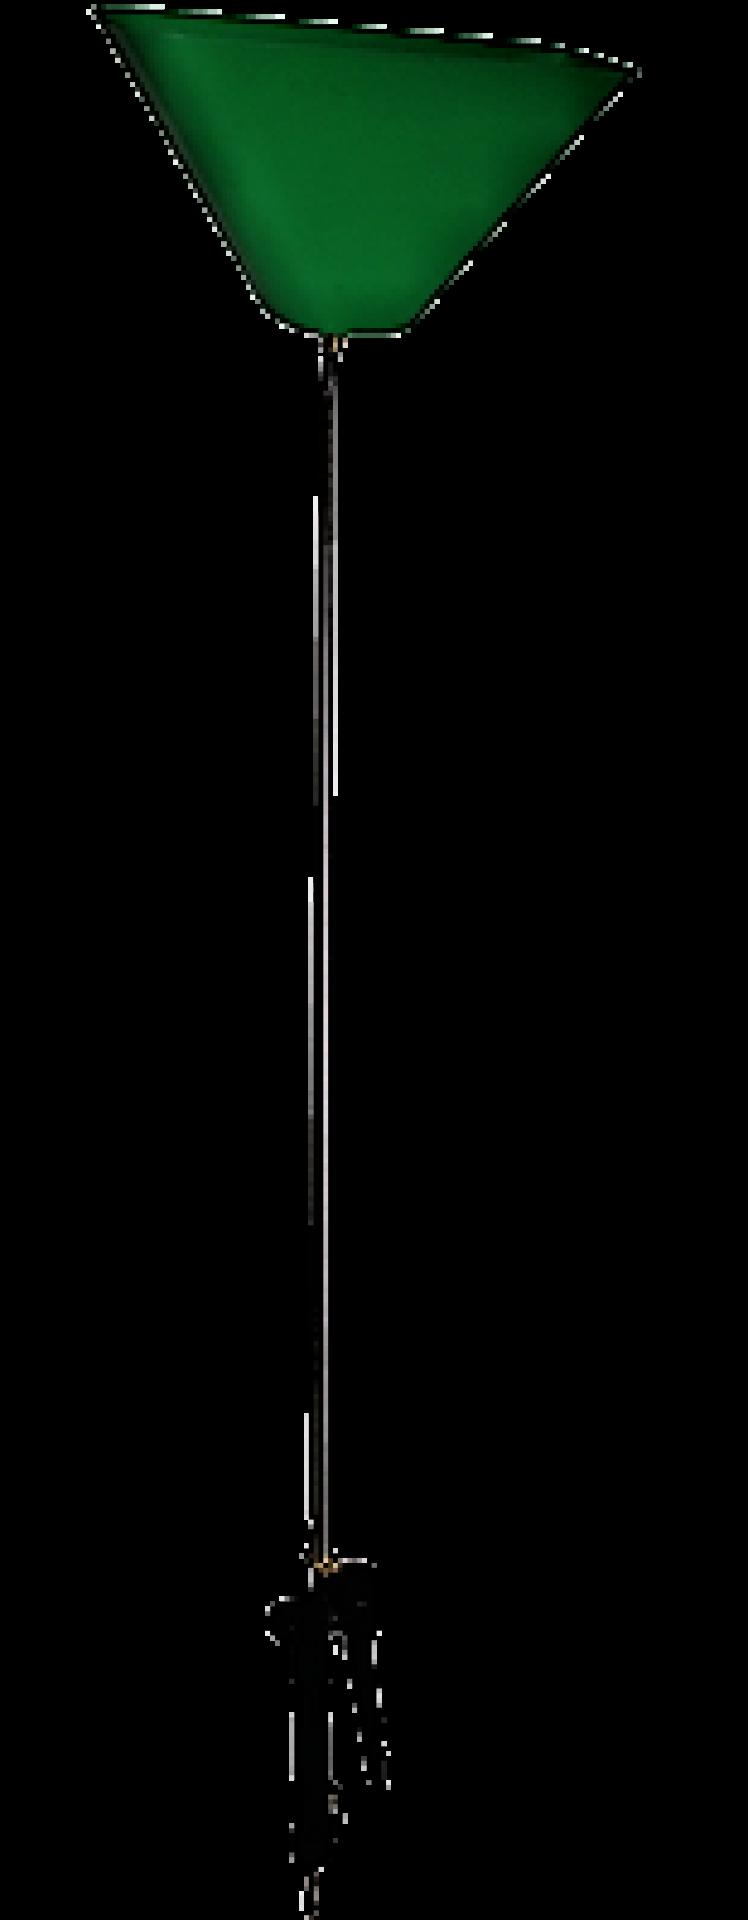 Lança Inox para herbicida com campânula